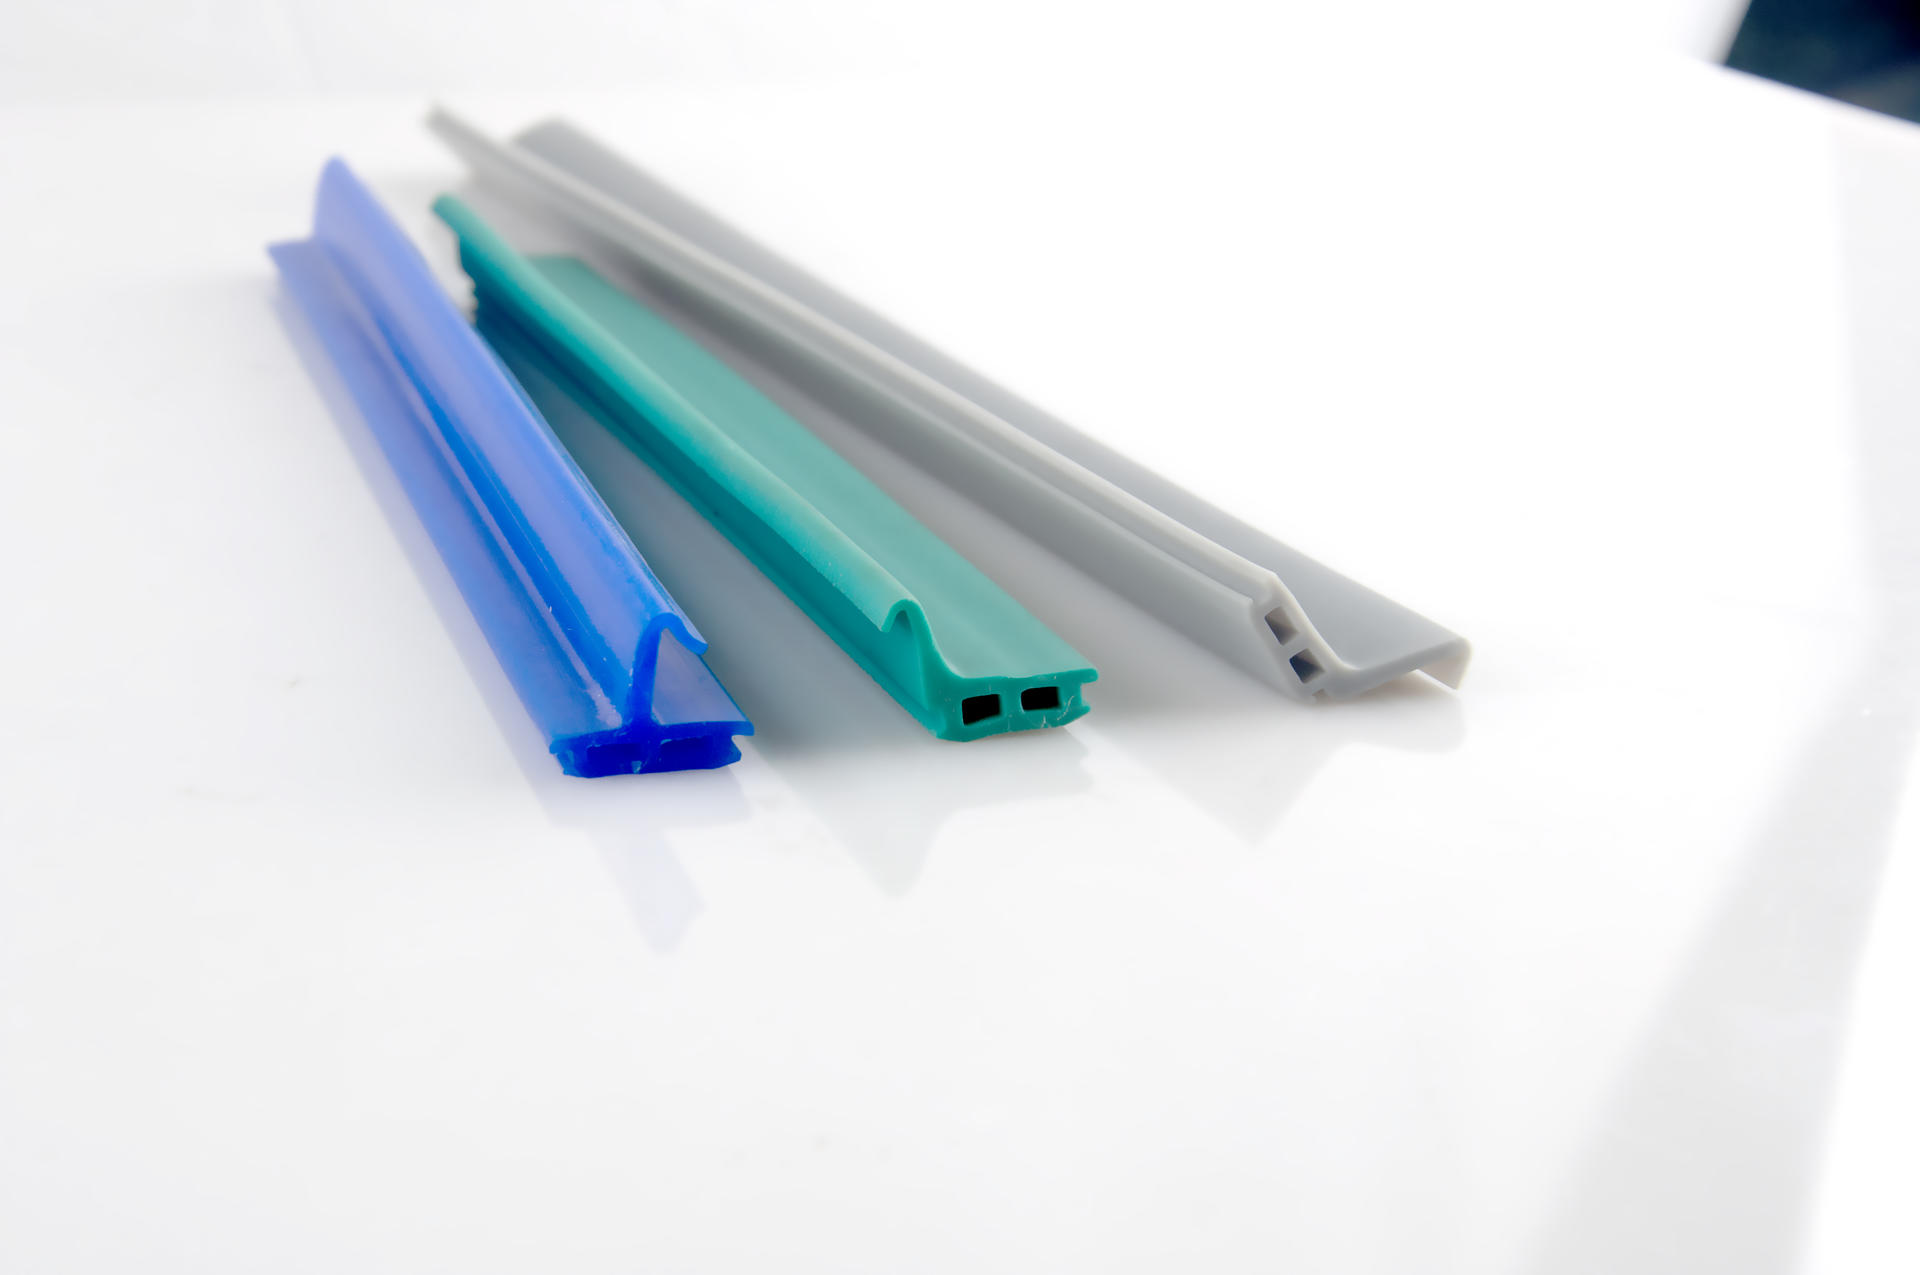 3h-meirun rubber strip packing